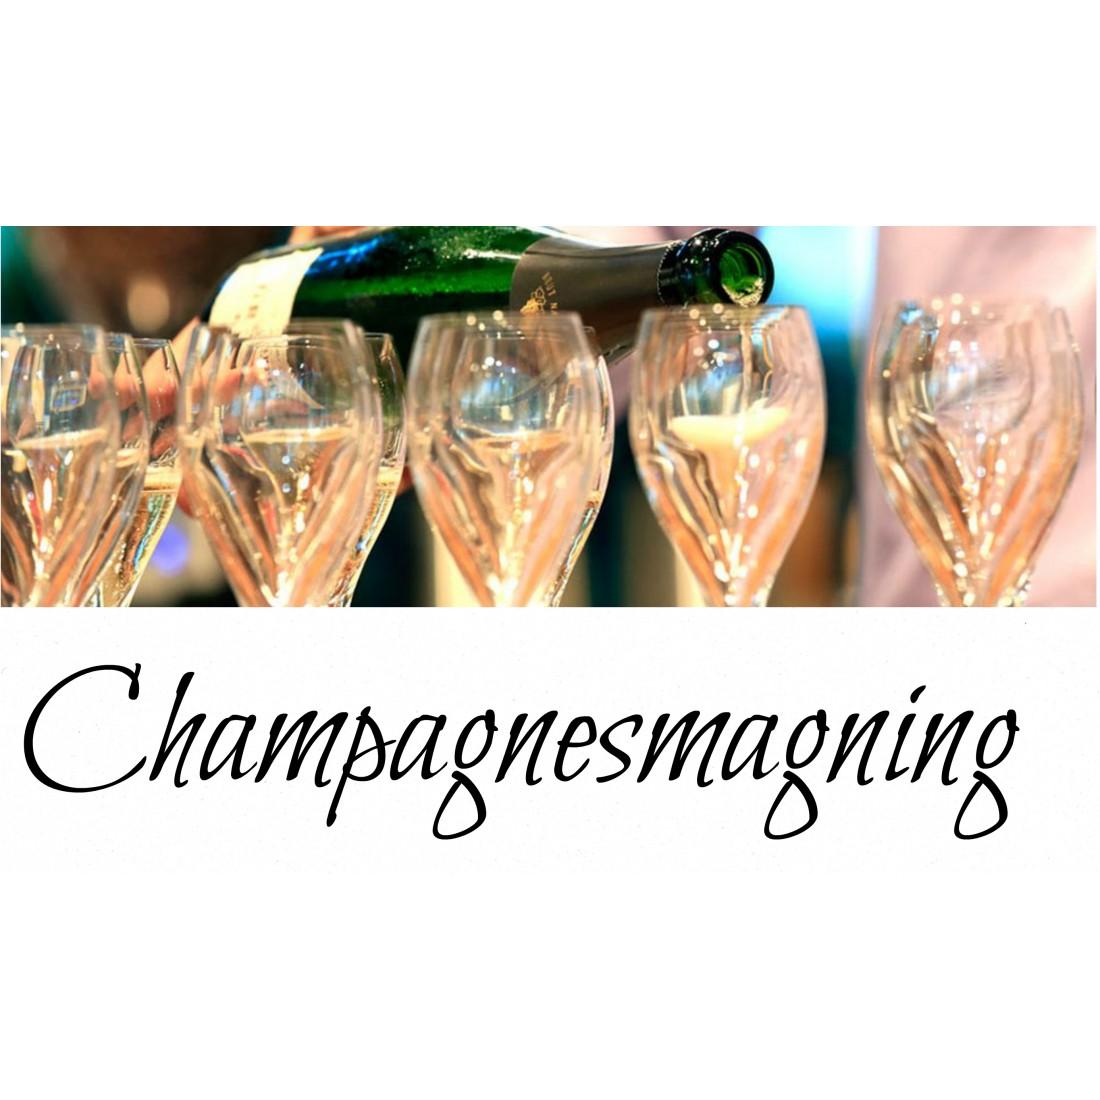 Champagnesmagning lørdag den 7 marts kl. 19.00 I ChampagneKælderen-31